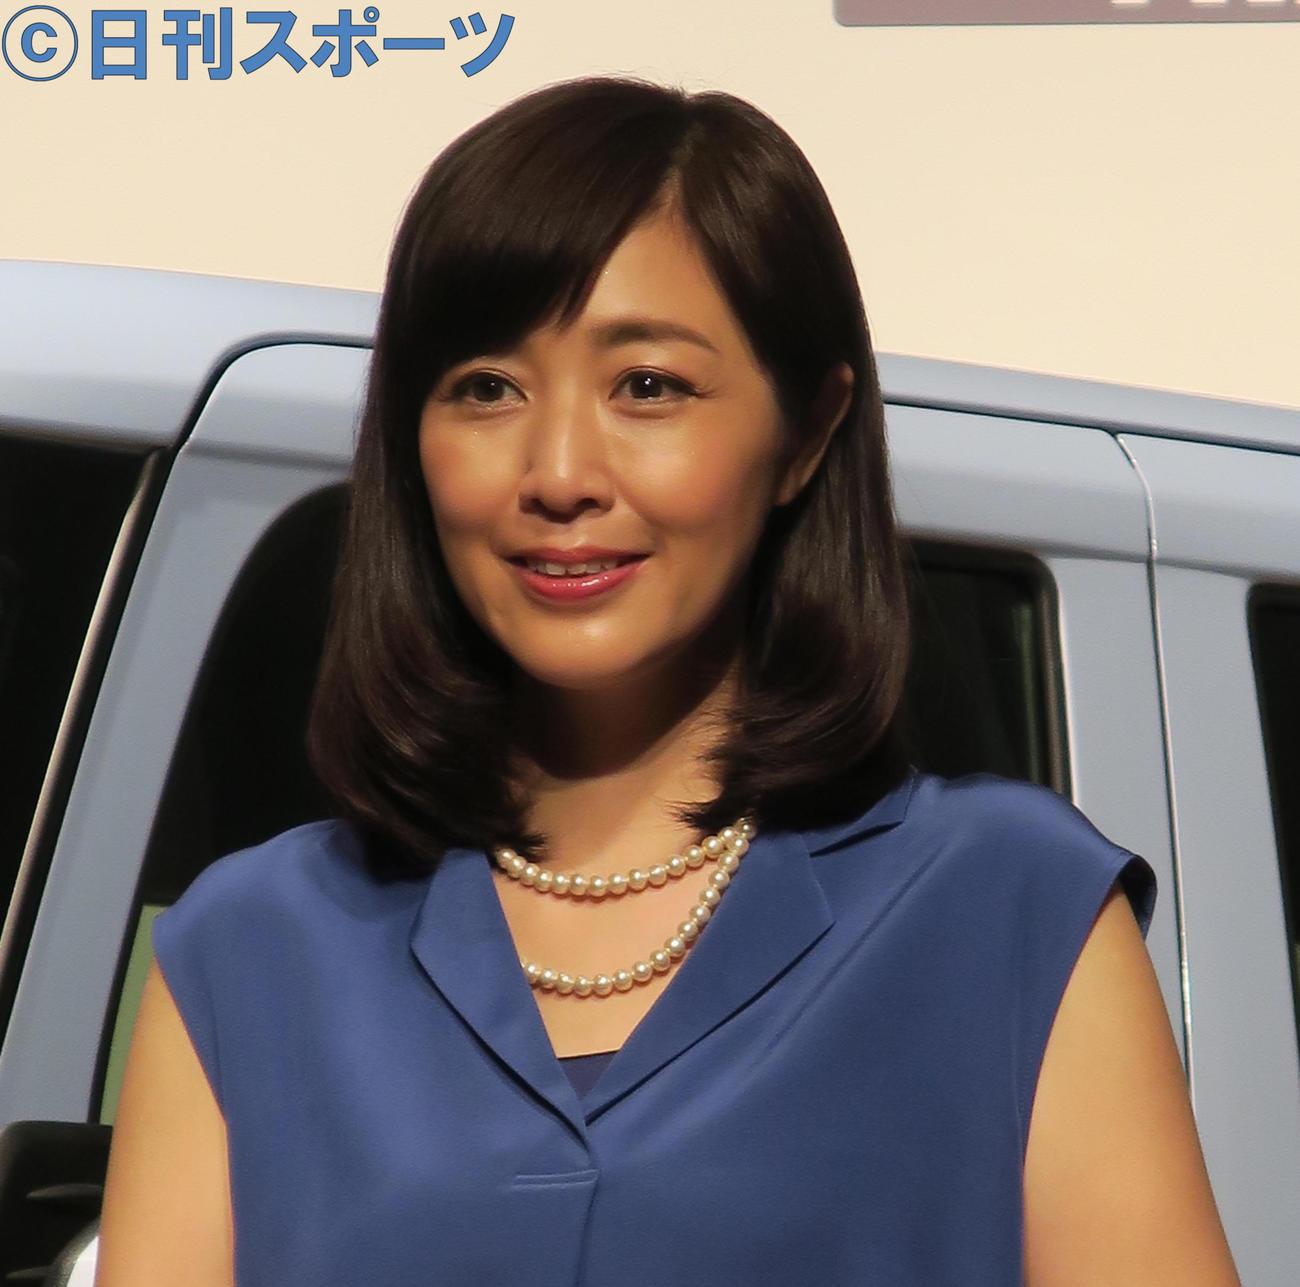 菊池桃子(16年6月13日撮影)